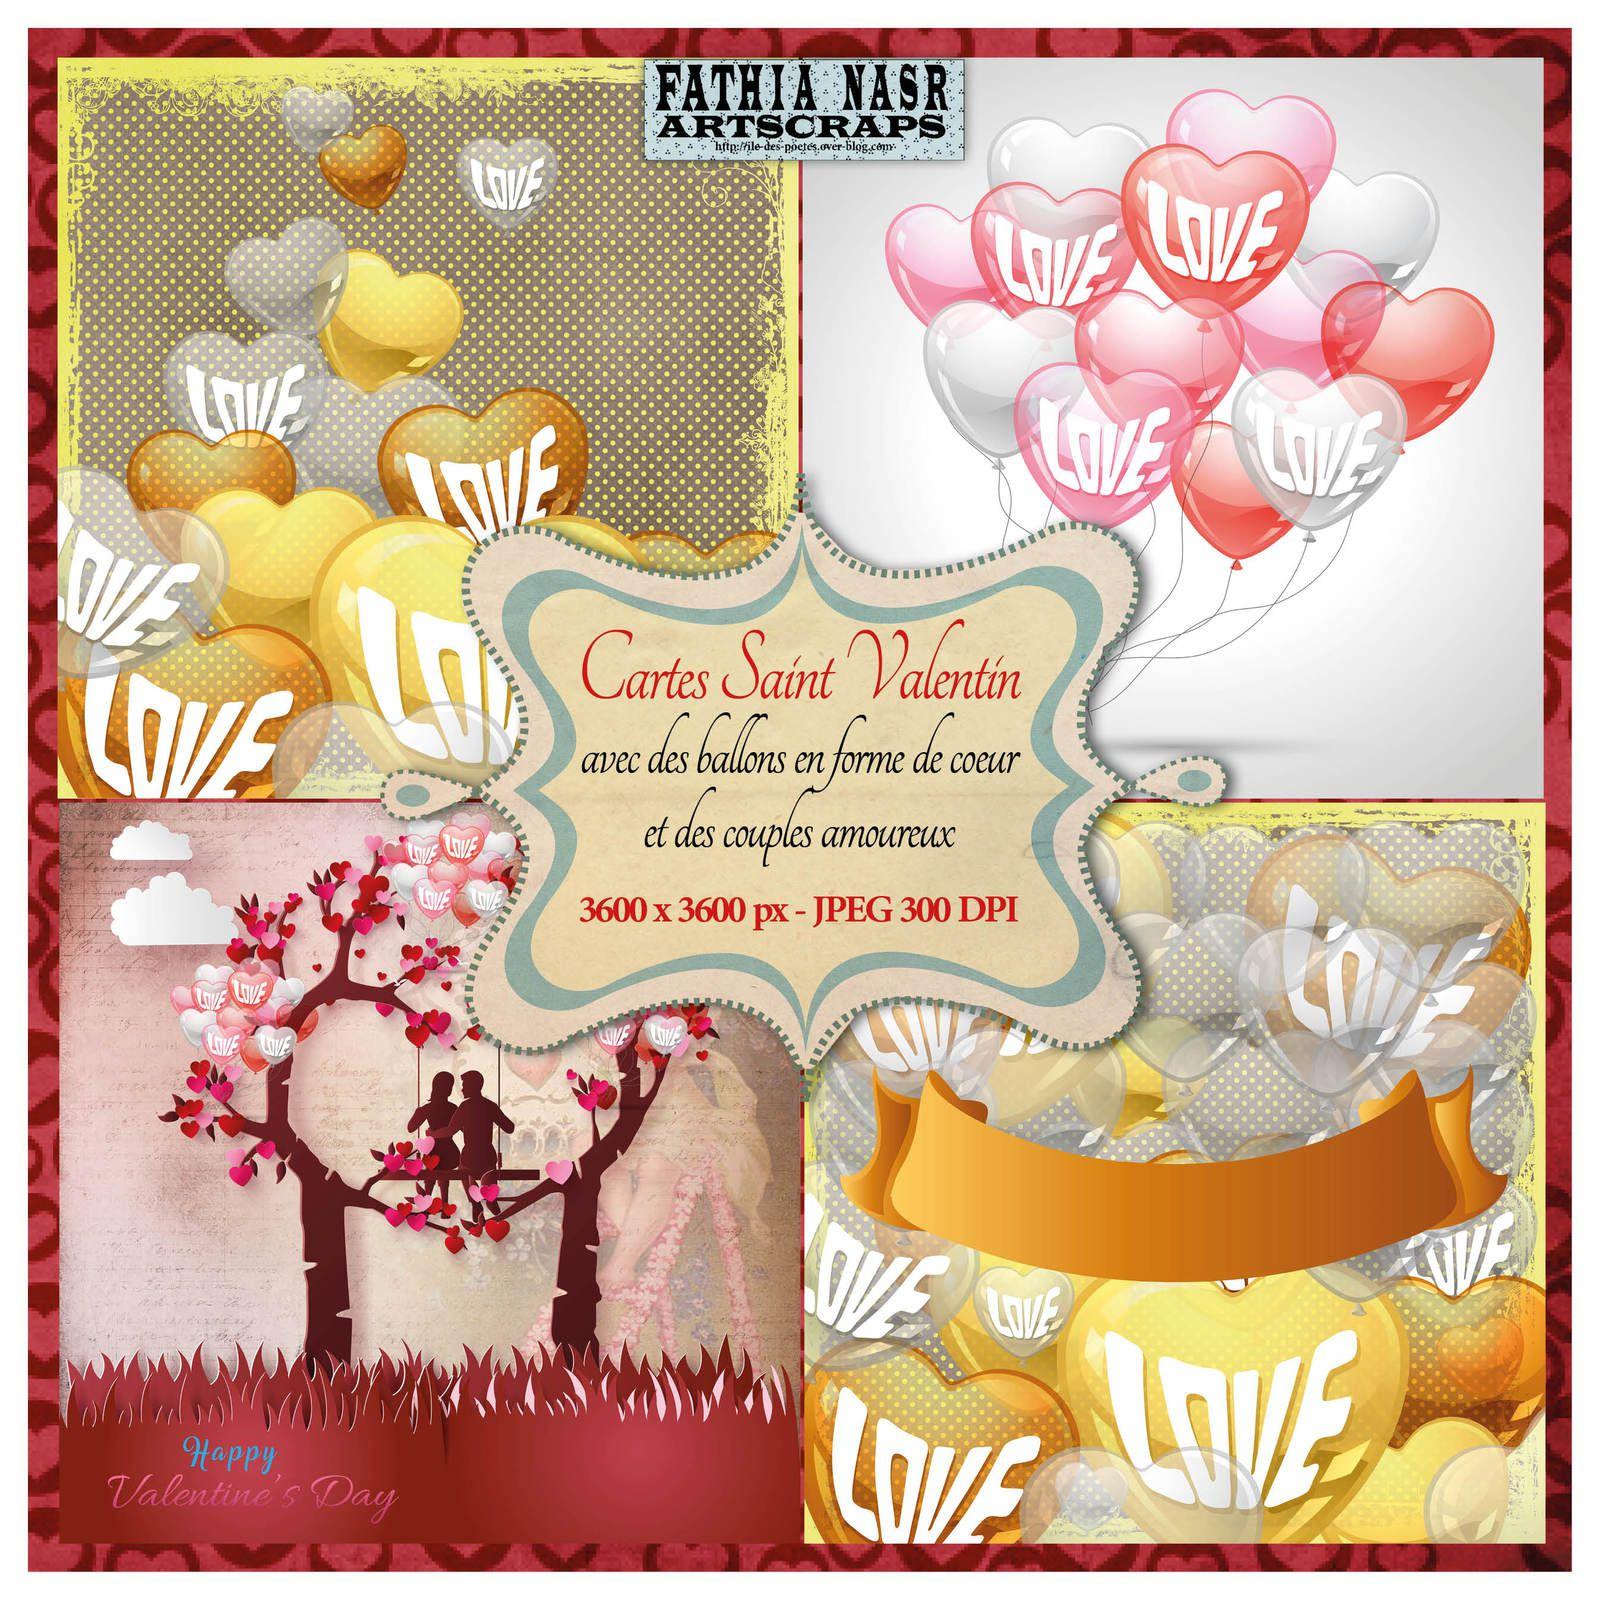 Cartes de vœux de la Saint Valentin, Cartes St Valentin imprimables, Couples amoureux, Fille sur bicyclette, Ballons en forme de cœur, Hearts shapes,